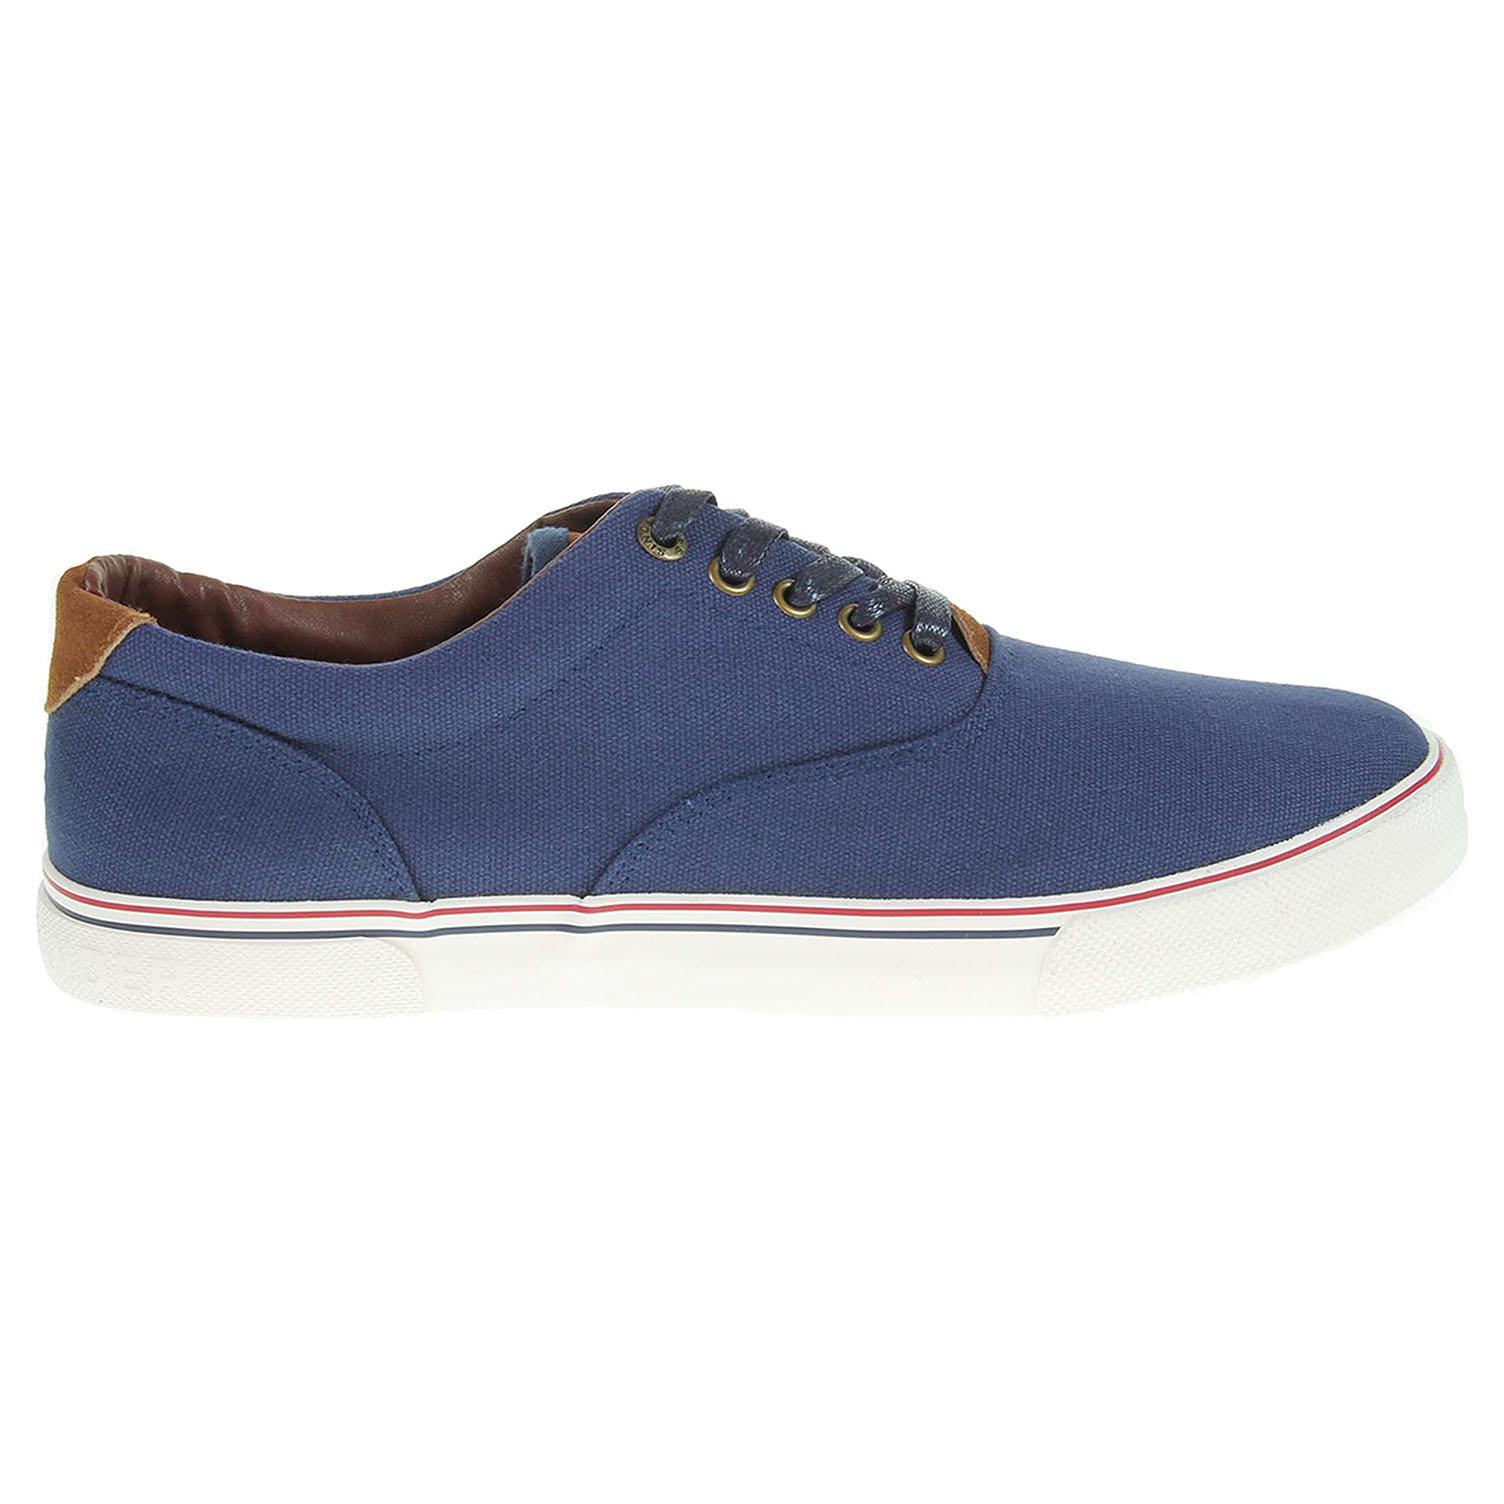 Salamander pánská obuv 60304-32 modrá 46